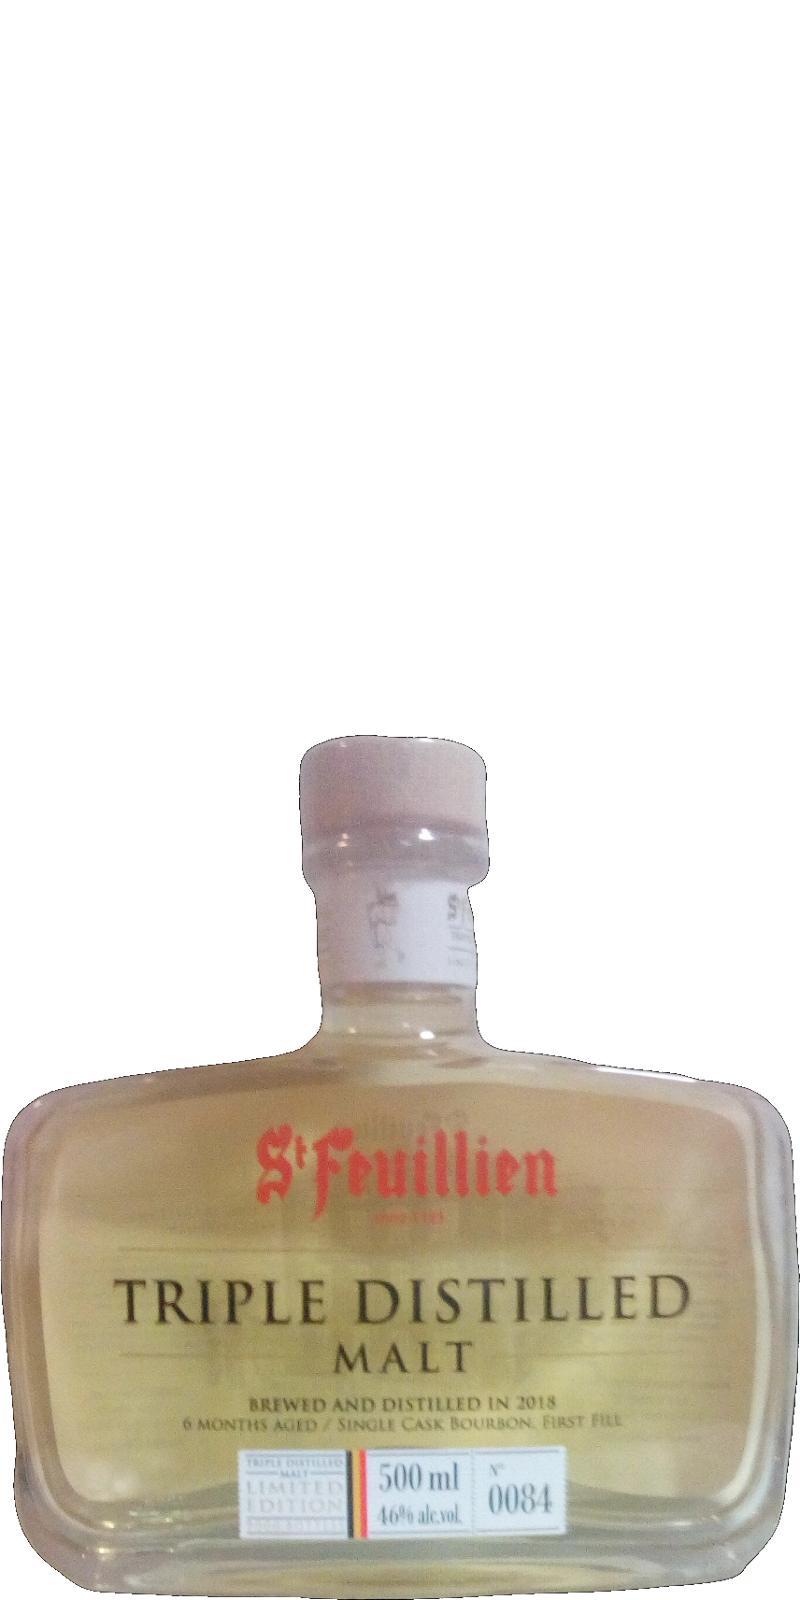 St-Feuillien 2018